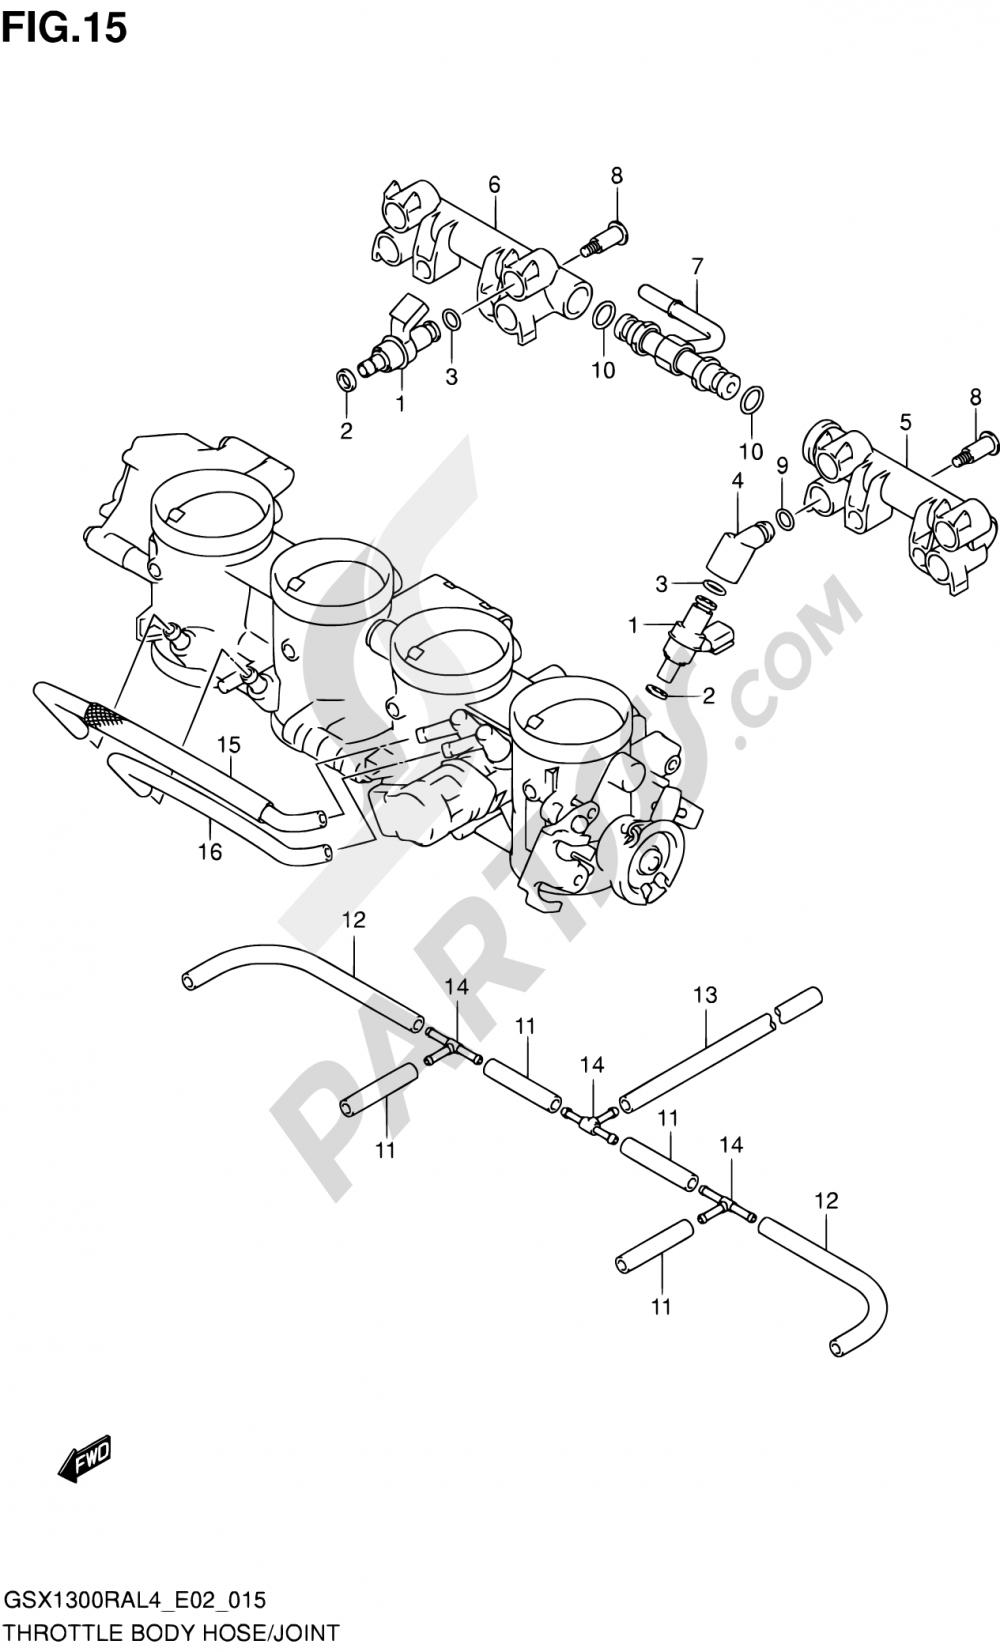 15 - THROTTLE BODY HOSE/JOINT (GSX1300RAL4 E19) Suzuki HAYABUSA GSX1300RA 2014